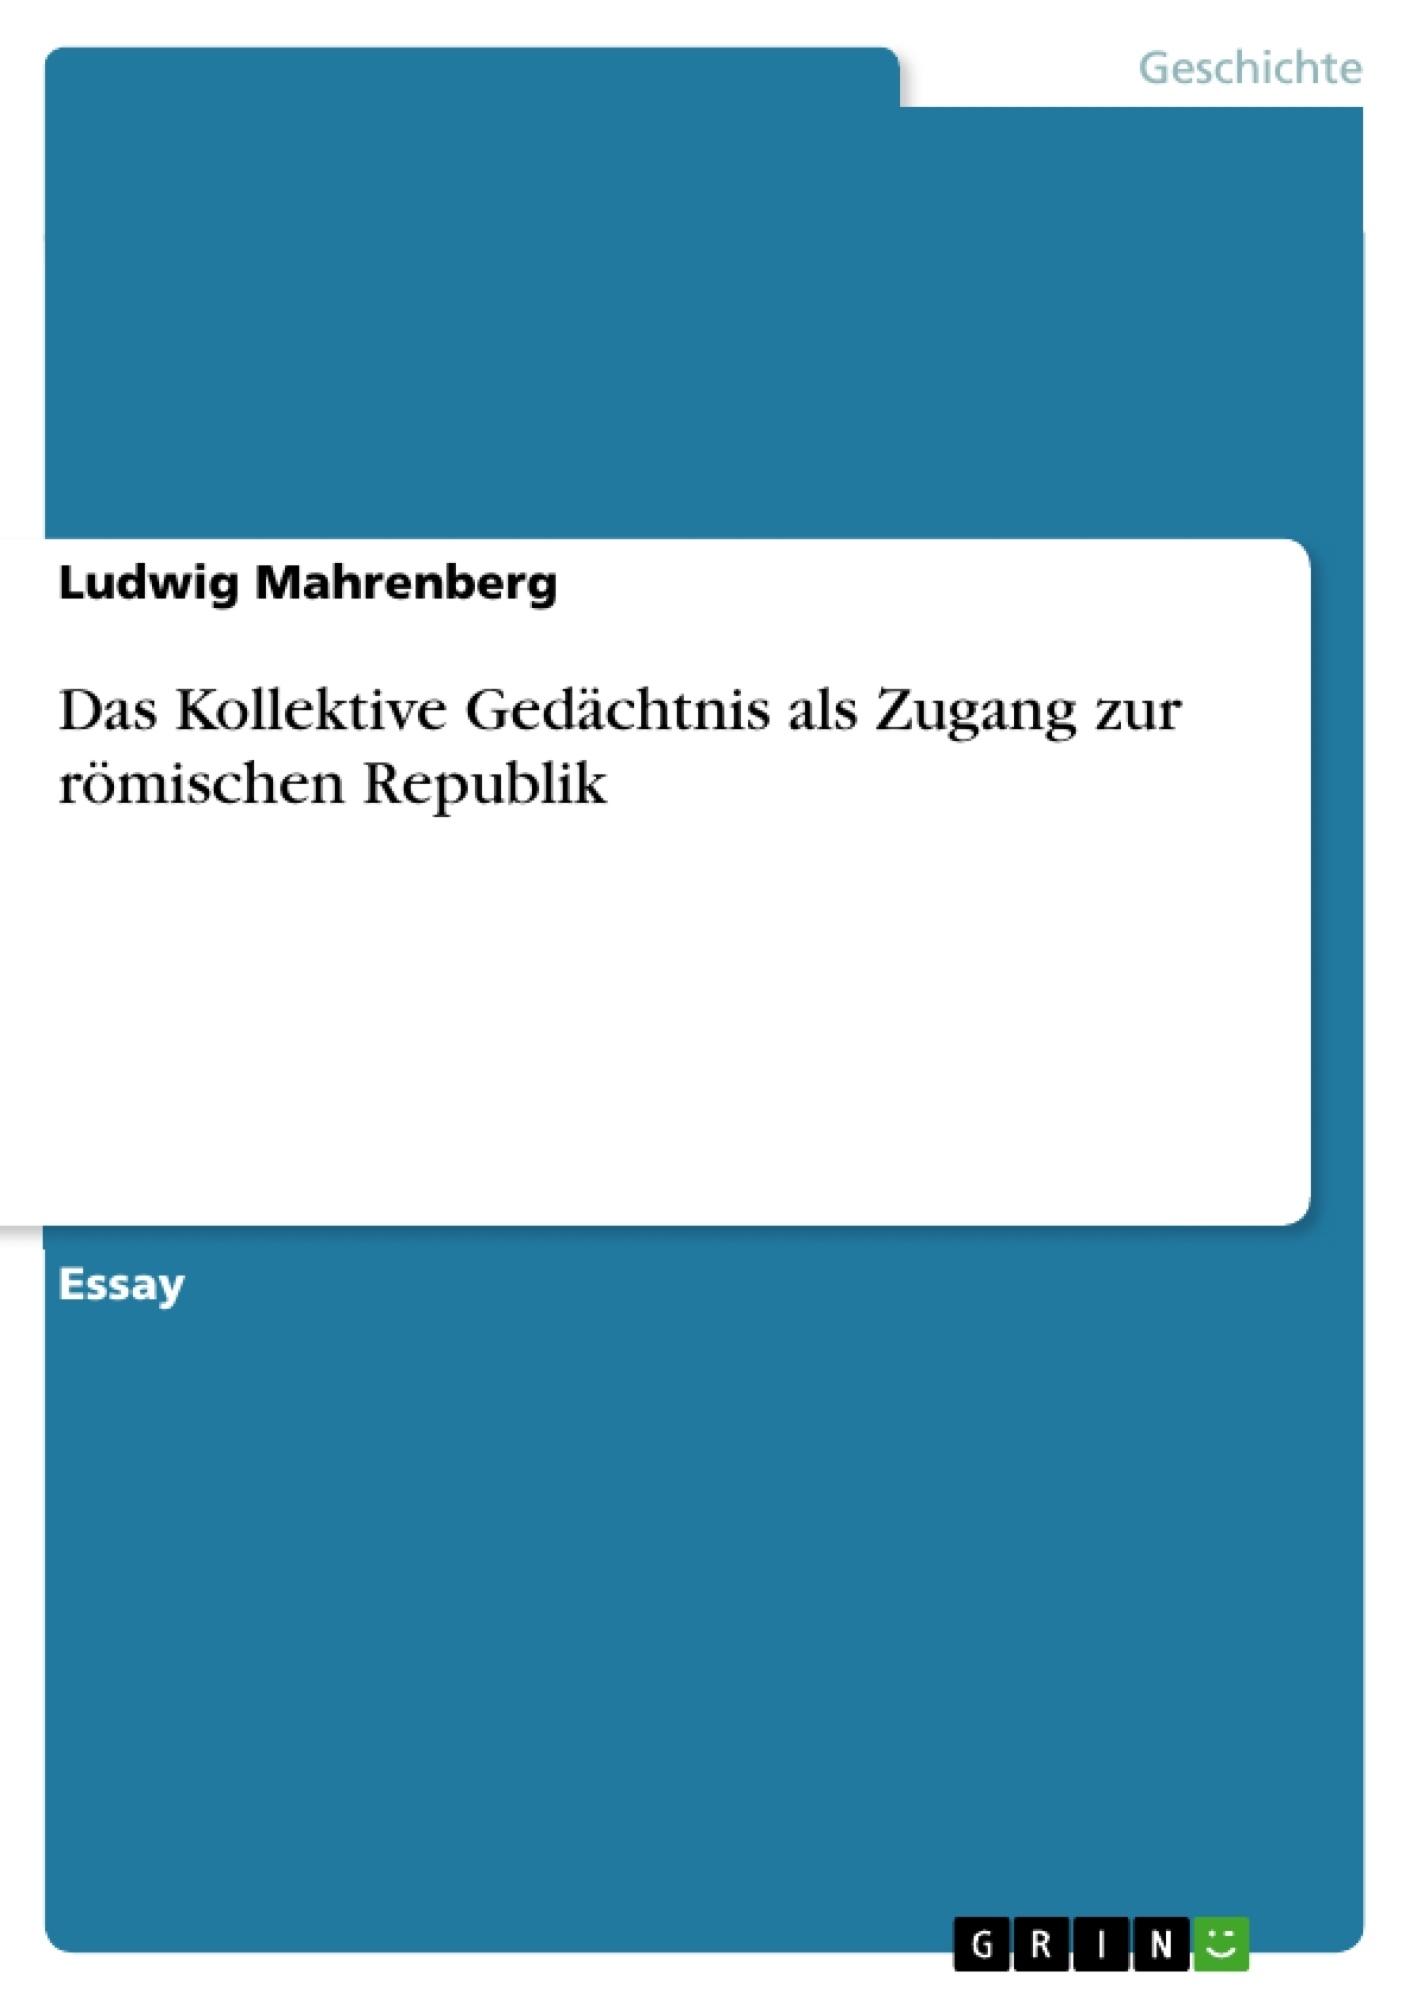 Titel: Das Kollektive Gedächtnis als Zugang zur römischen Republik